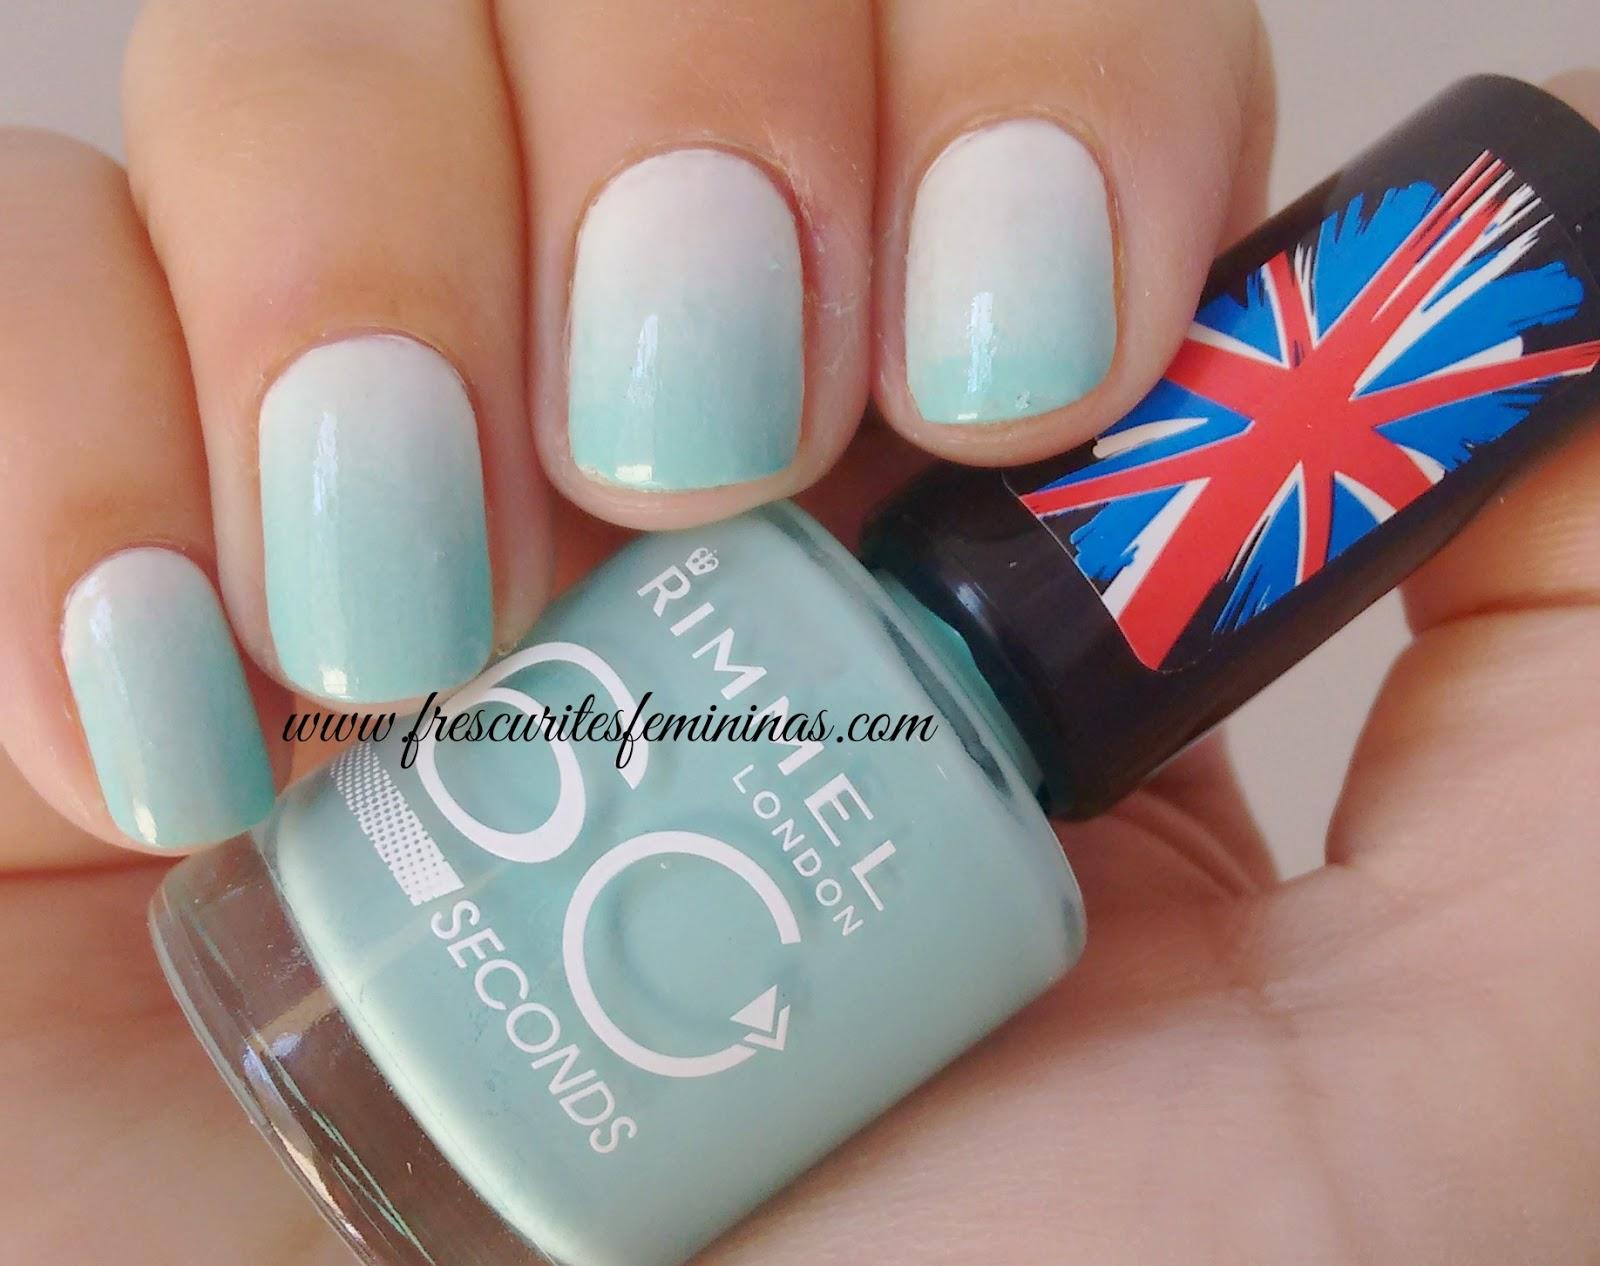 Rimmel London, Mintilicious, Nail Stamp, Frescurites Femininas